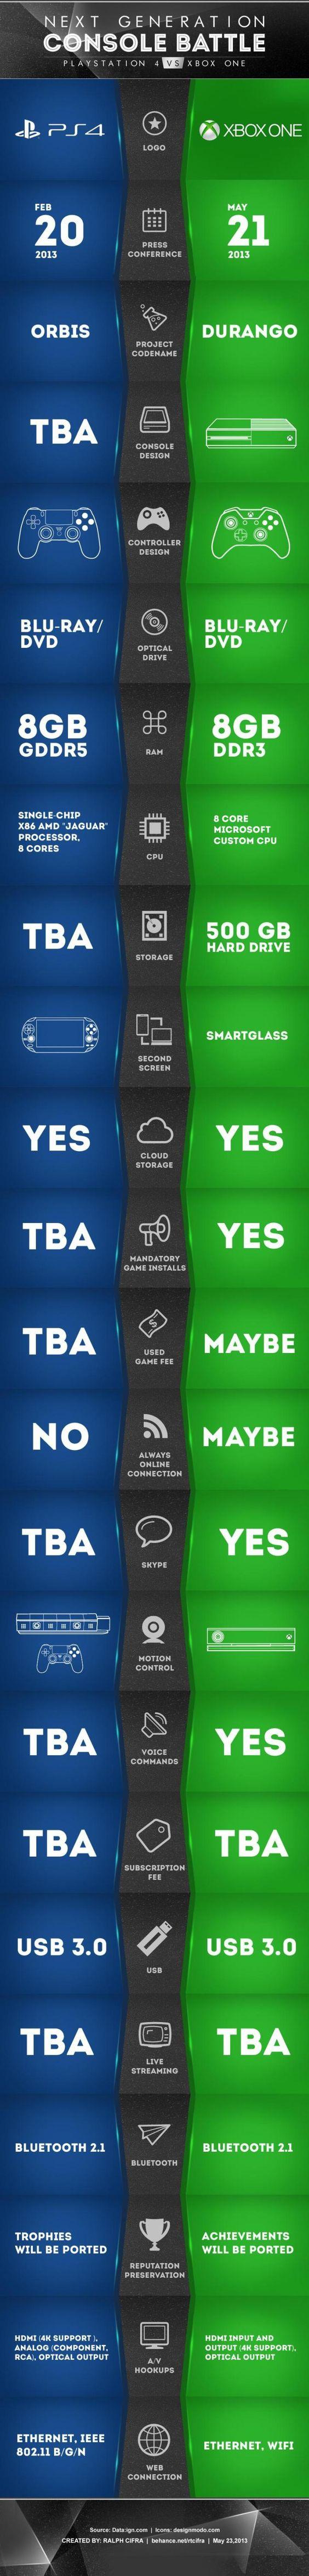 Principales diferencias entre PS4 y Xbox One #infografia